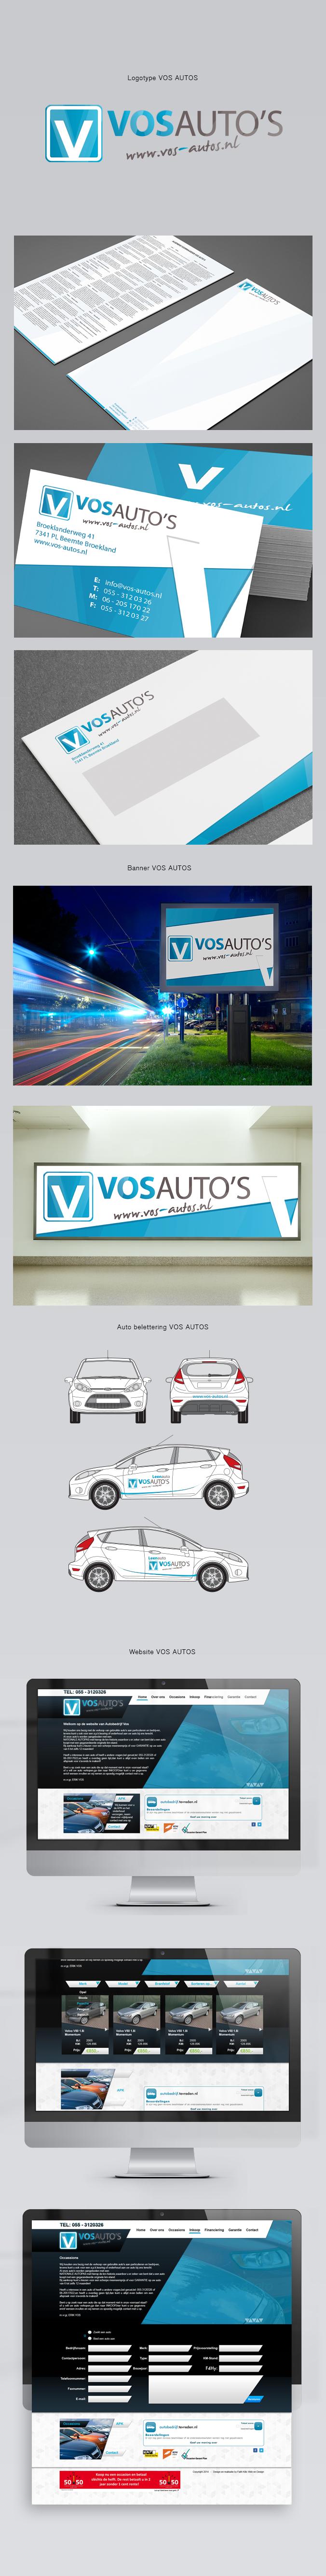 Vos Auto's